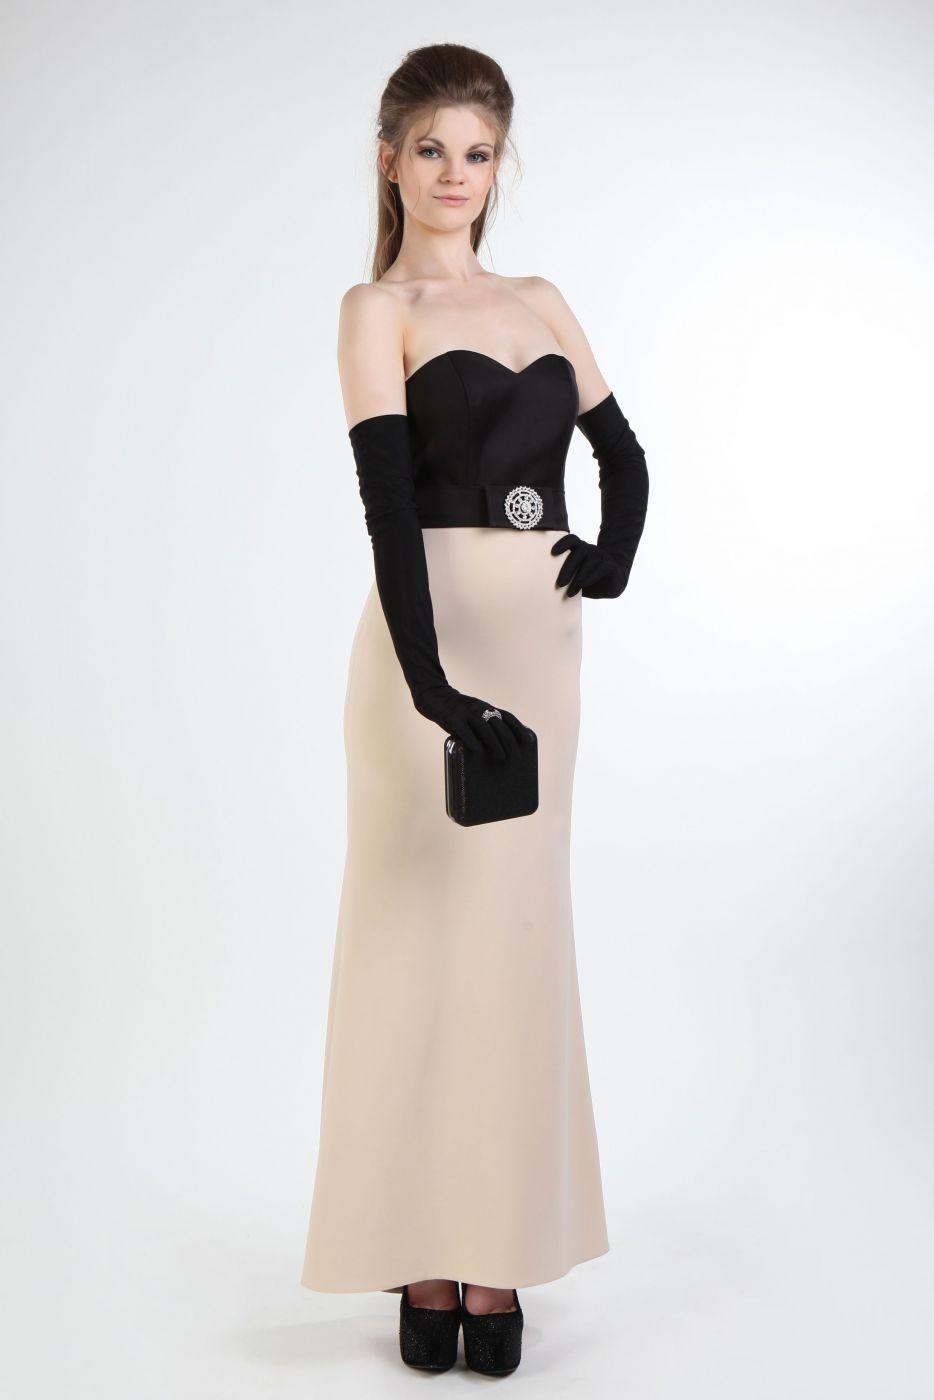 1546ed6d44c2 Langes Abendkleid in creme schwarz - Kleiderfreuden